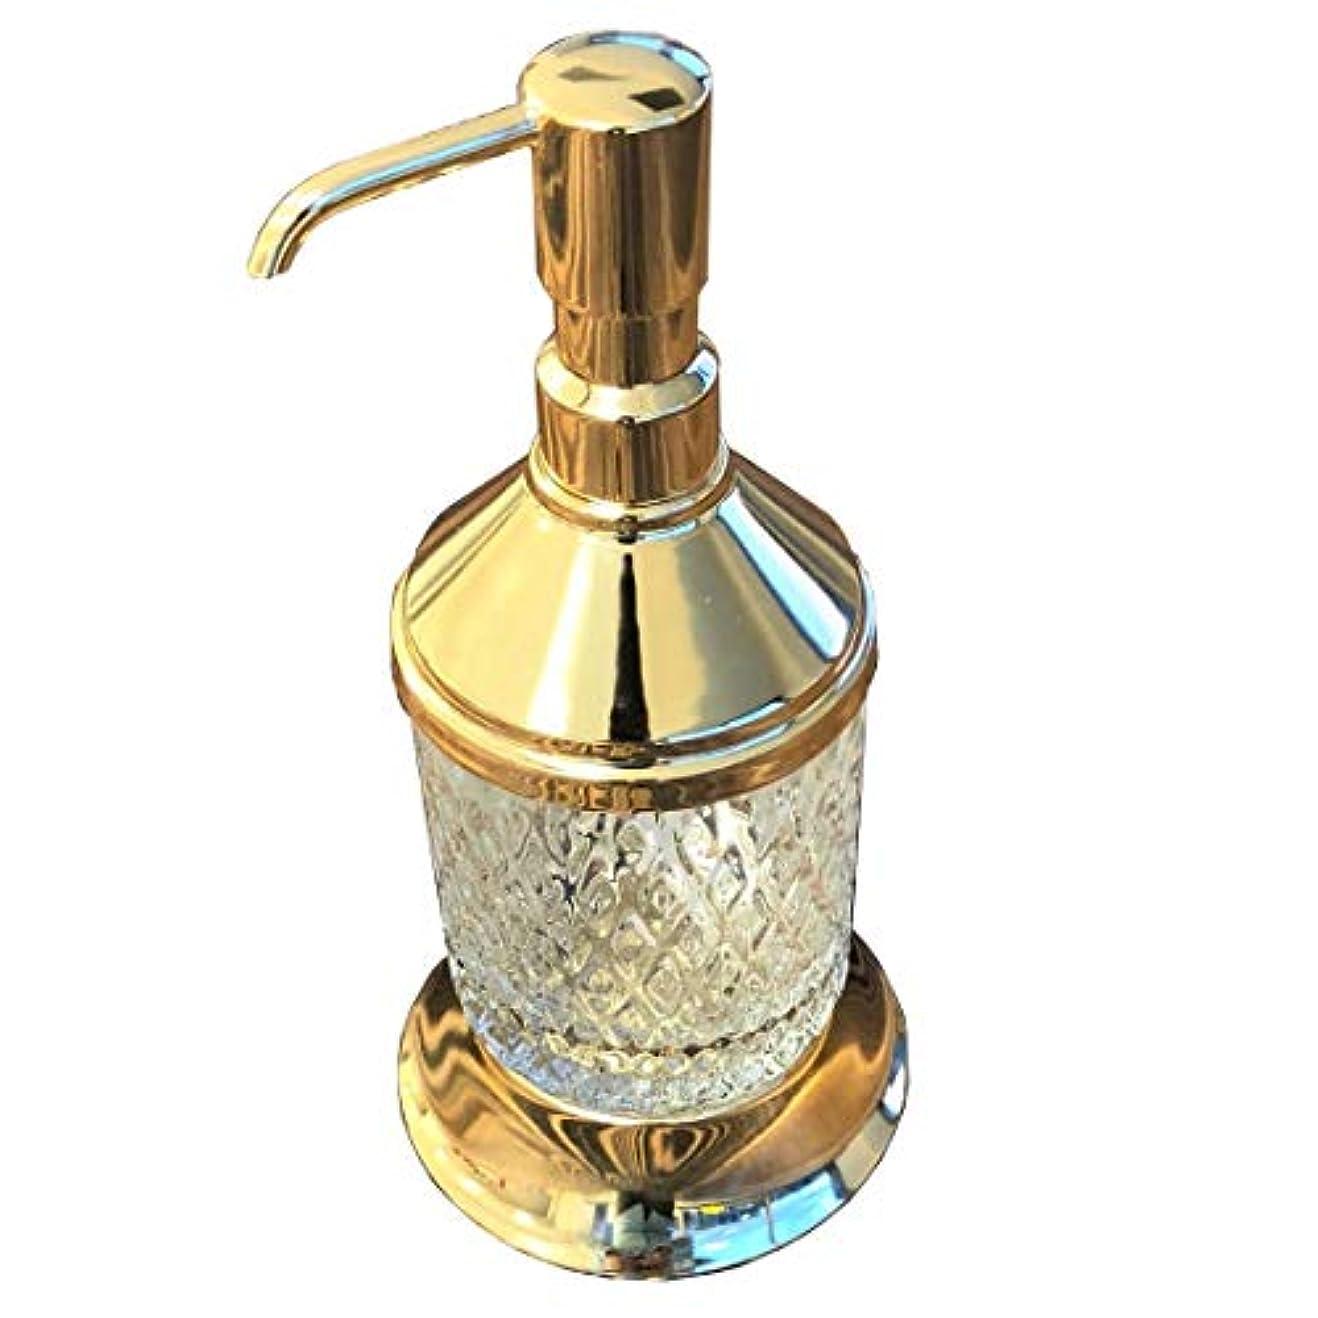 ラビリンス圧縮された深遠ラグジュアリー真鍮Liquid Hand Soapまたはローションdispenser-goldバスルームdecor-brassバスルームアクセサリー